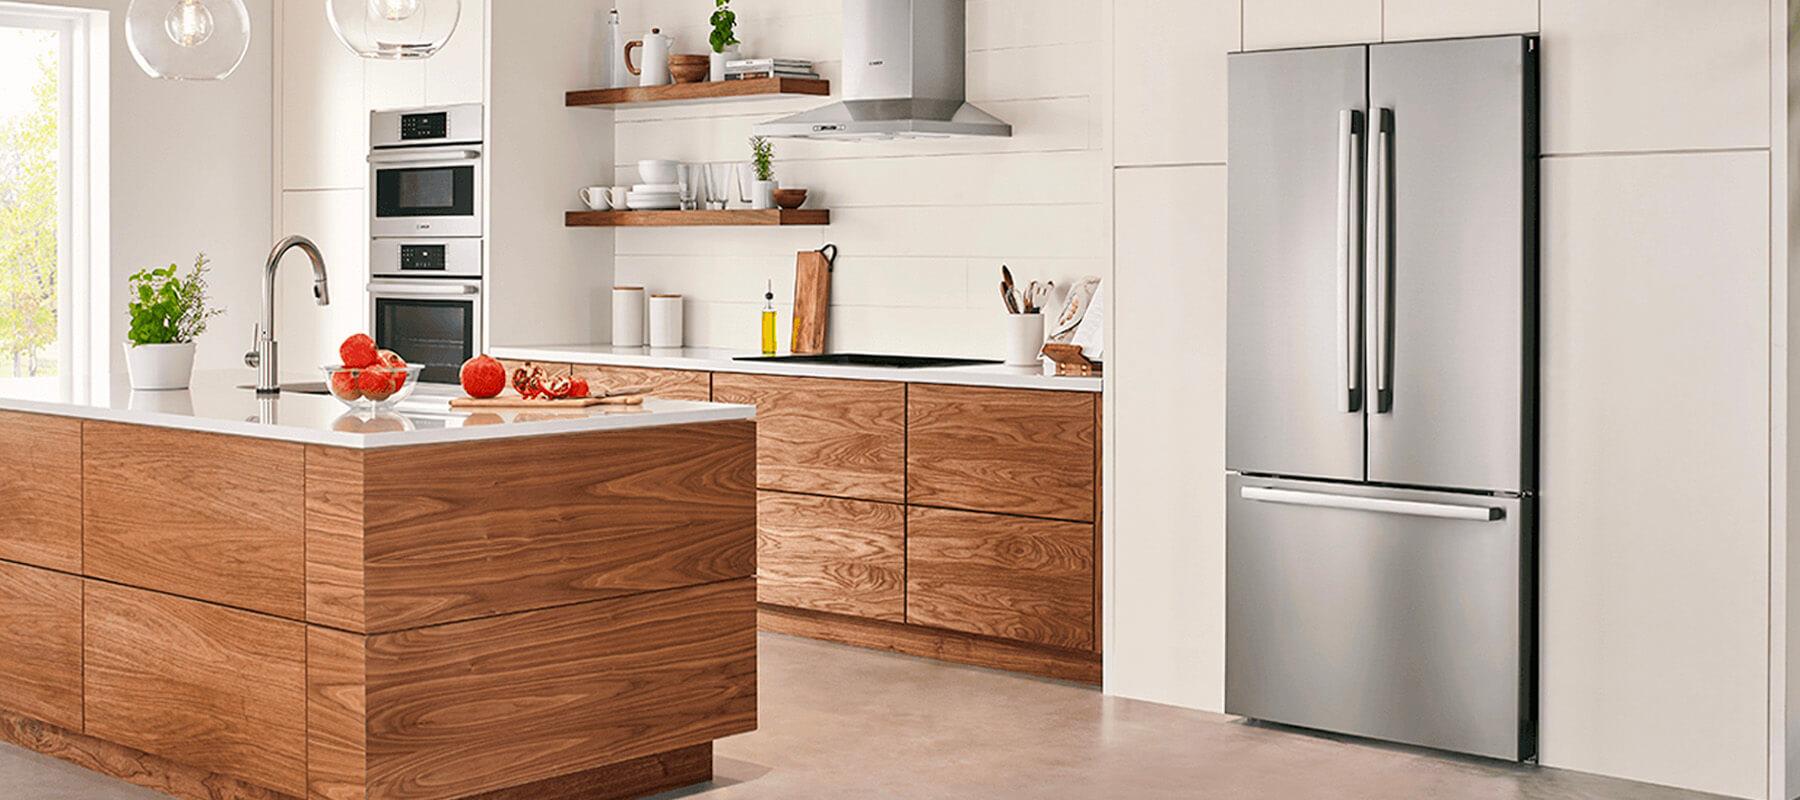 Thermador Built in Refrigerator Repair Service | Built-in Refrigerator Repair